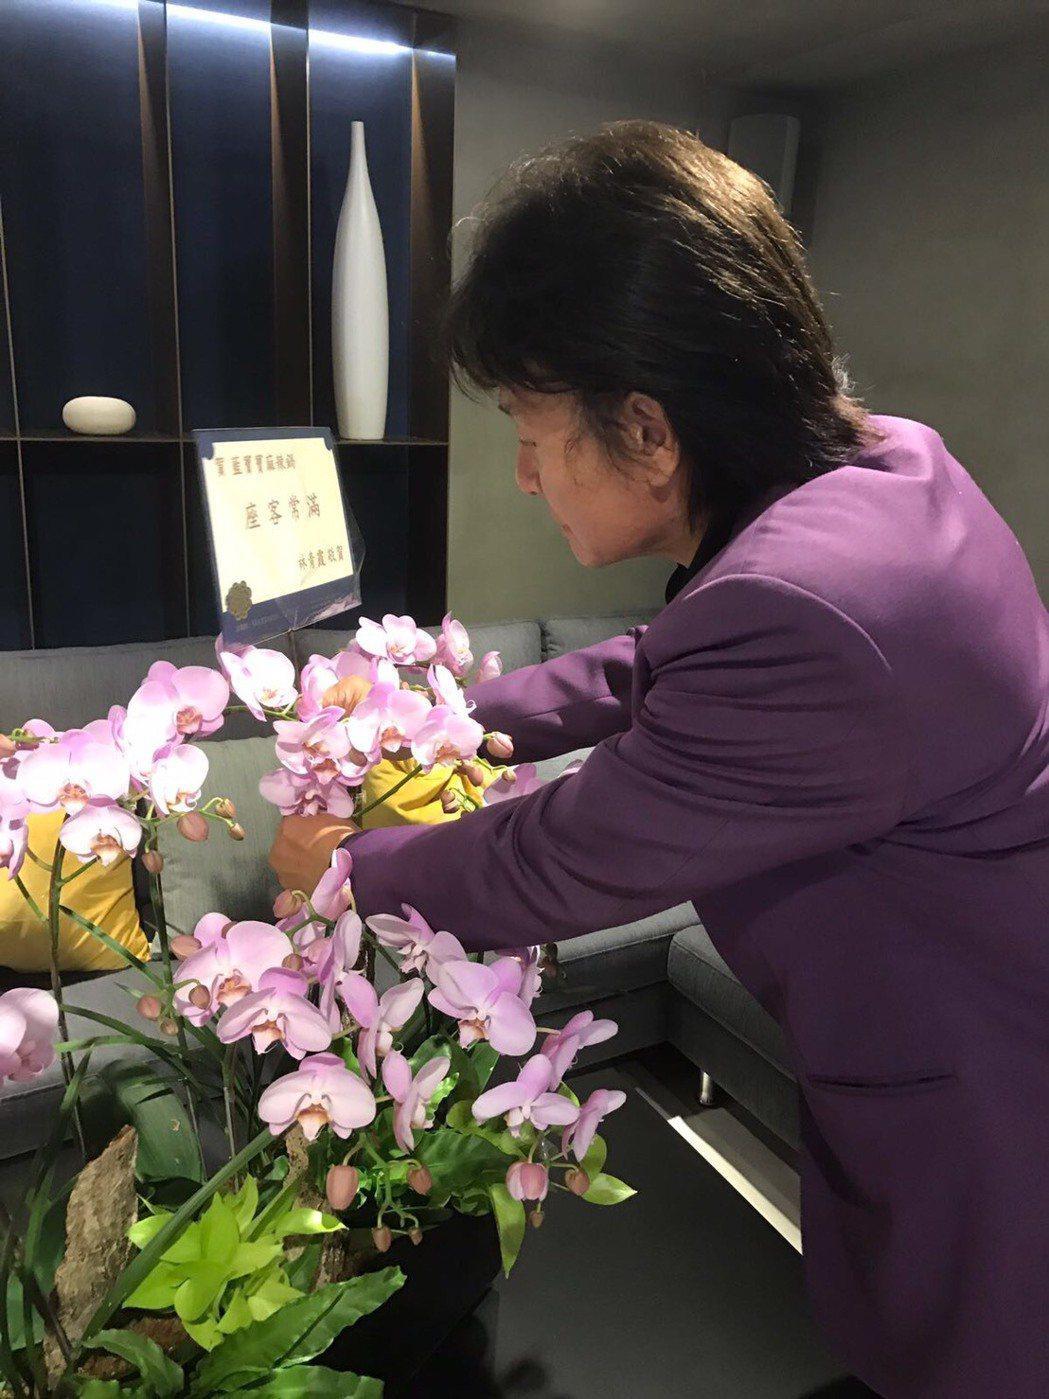 藍文青麻辣鍋店開幕,林青霞送花祝賀。圖/藍寶寶提供